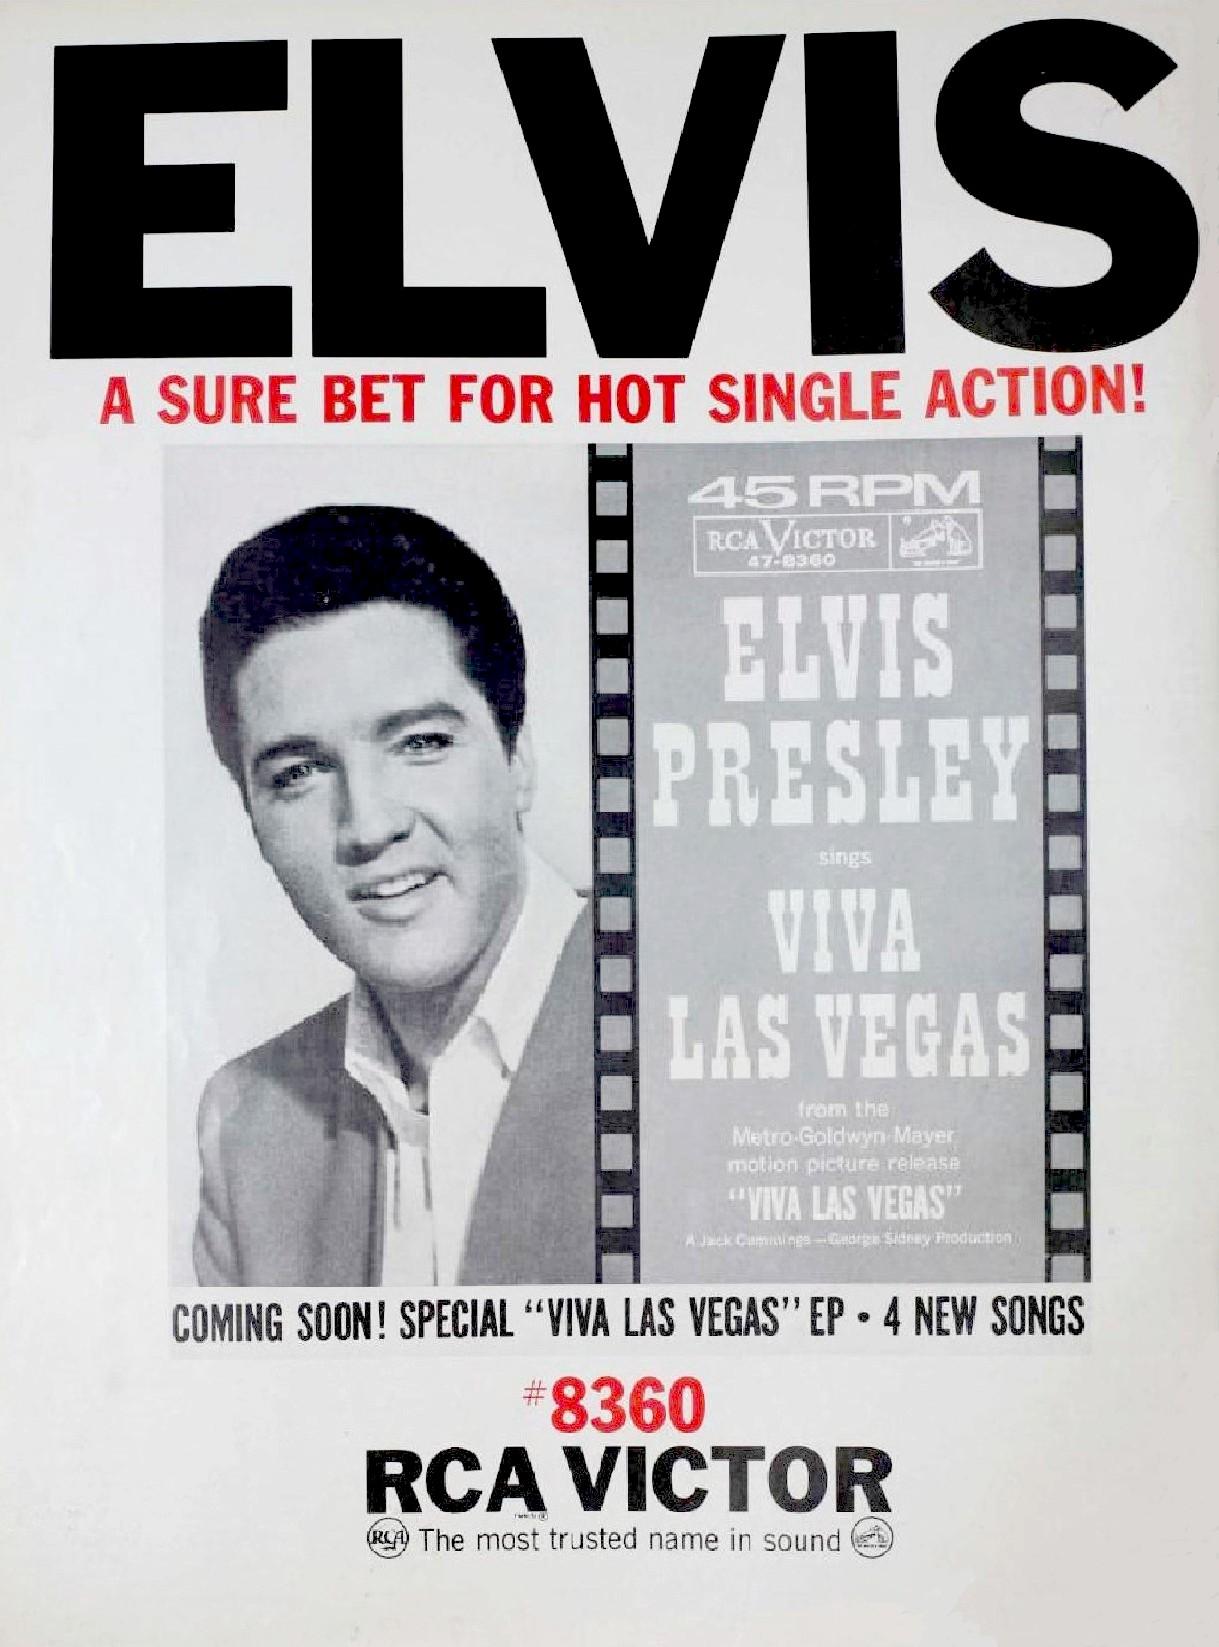 vegas - Viva Las Vegas Vlv4ssvv